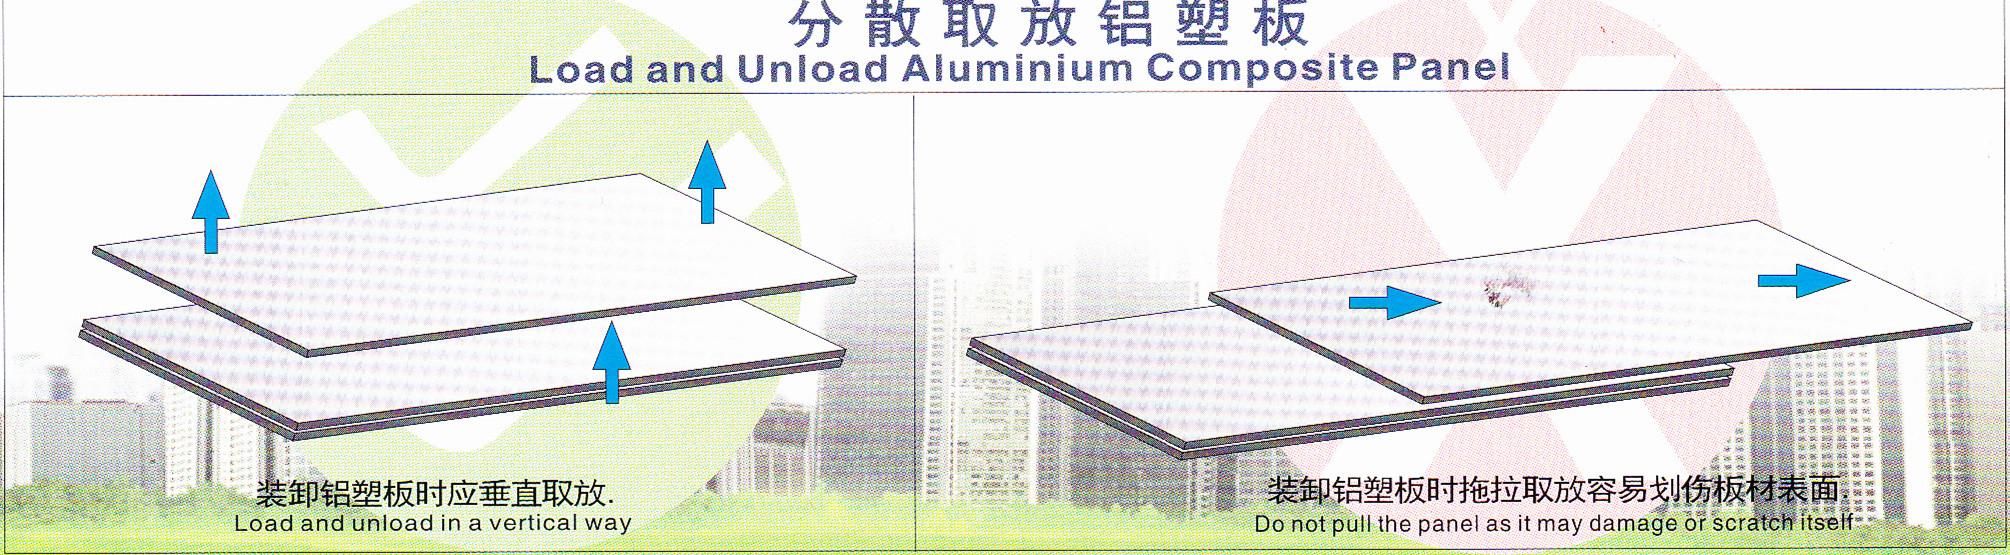 Cargar y descargar panel compuesto de aluminio.jpg